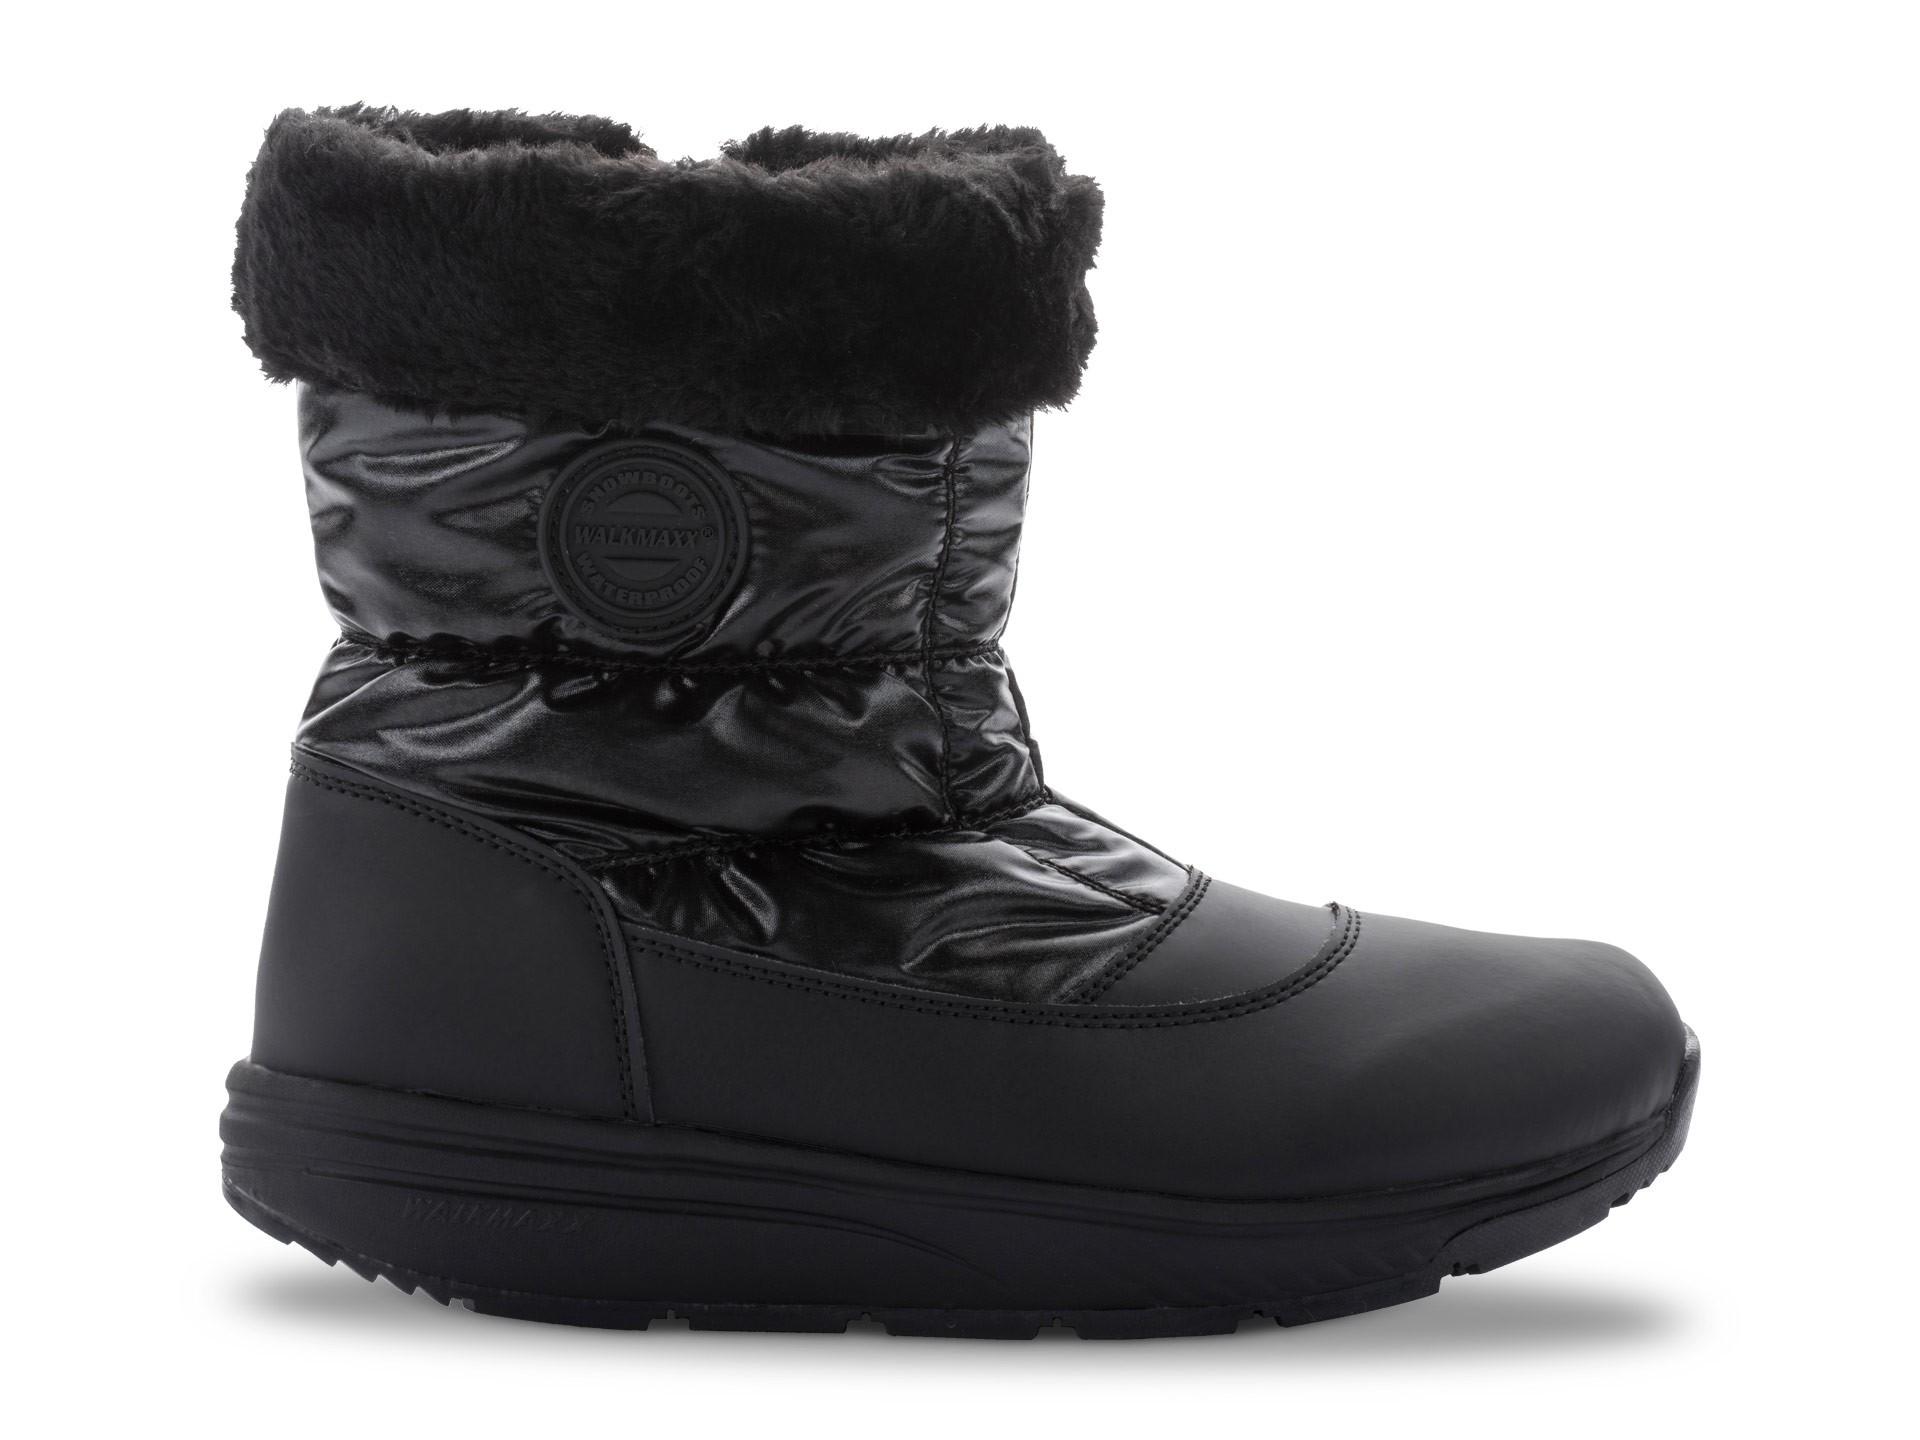 Comfort női rövidszárú téli csizma 3.0 - Walkmaxx c259857bed